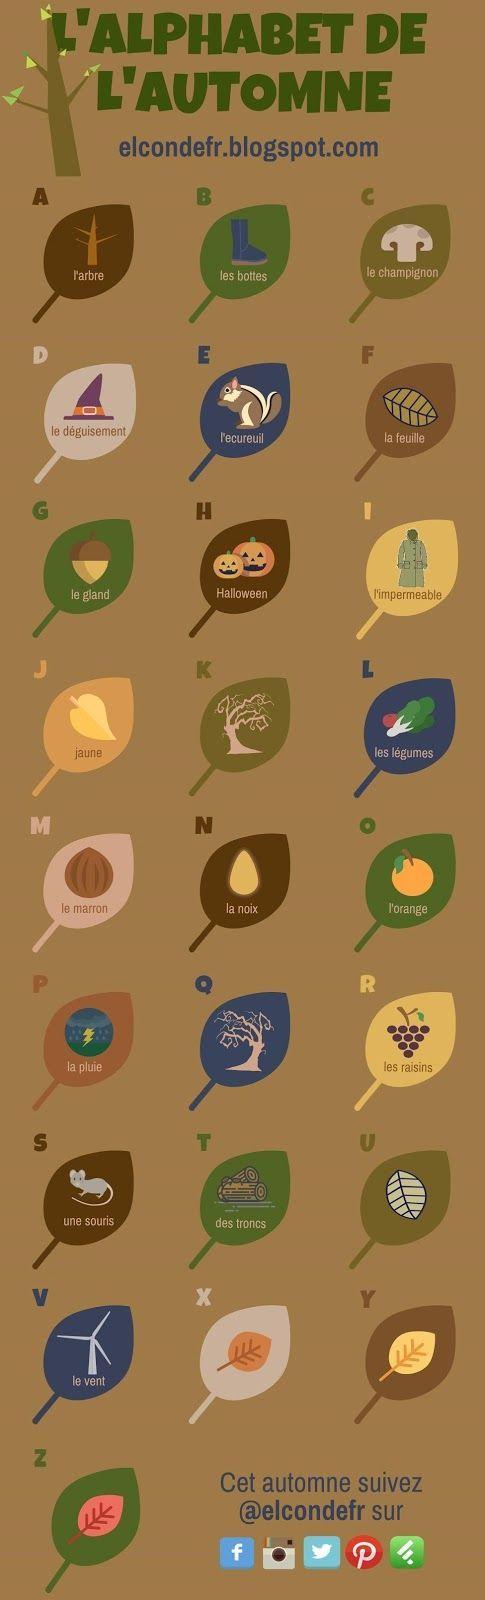 L'alphabet de l'automne |  L'automne est arrivé! #frenchvocabulary